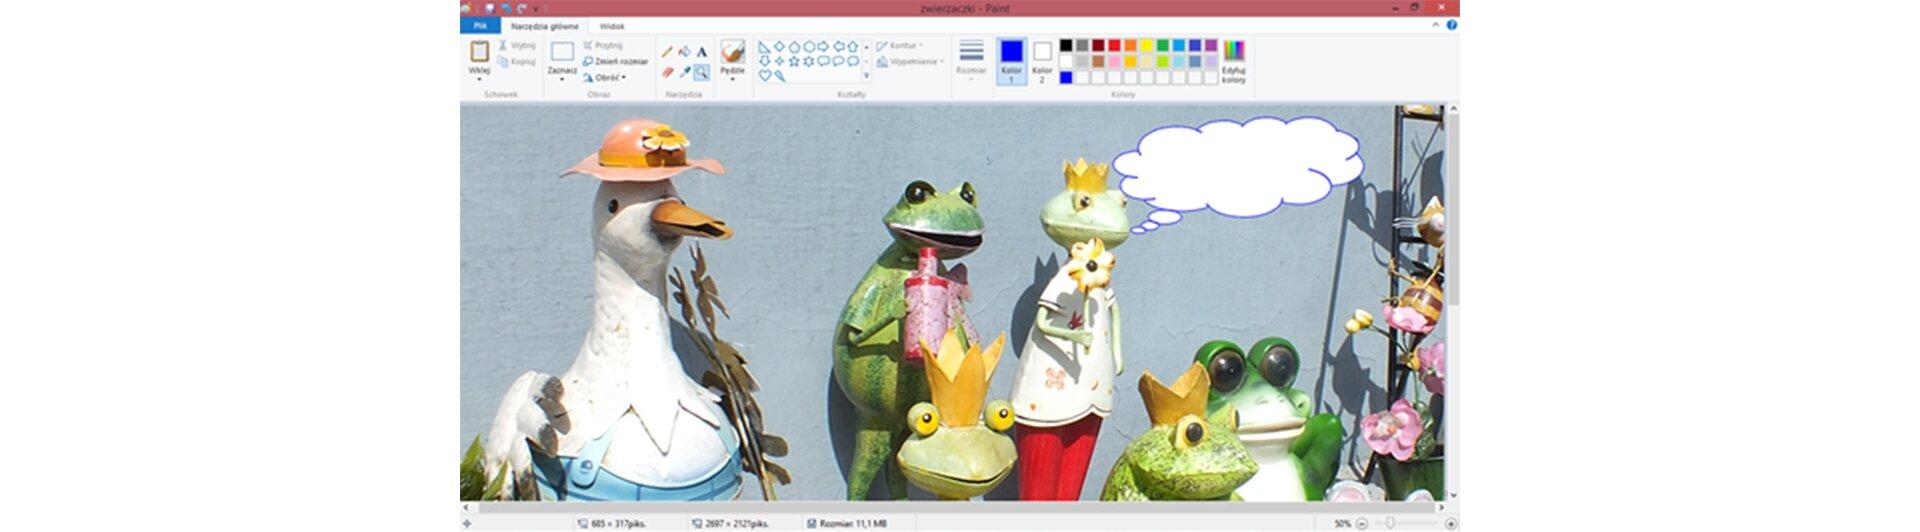 Zrzut okna programu Paint zilustracją przedstawiającą stworki